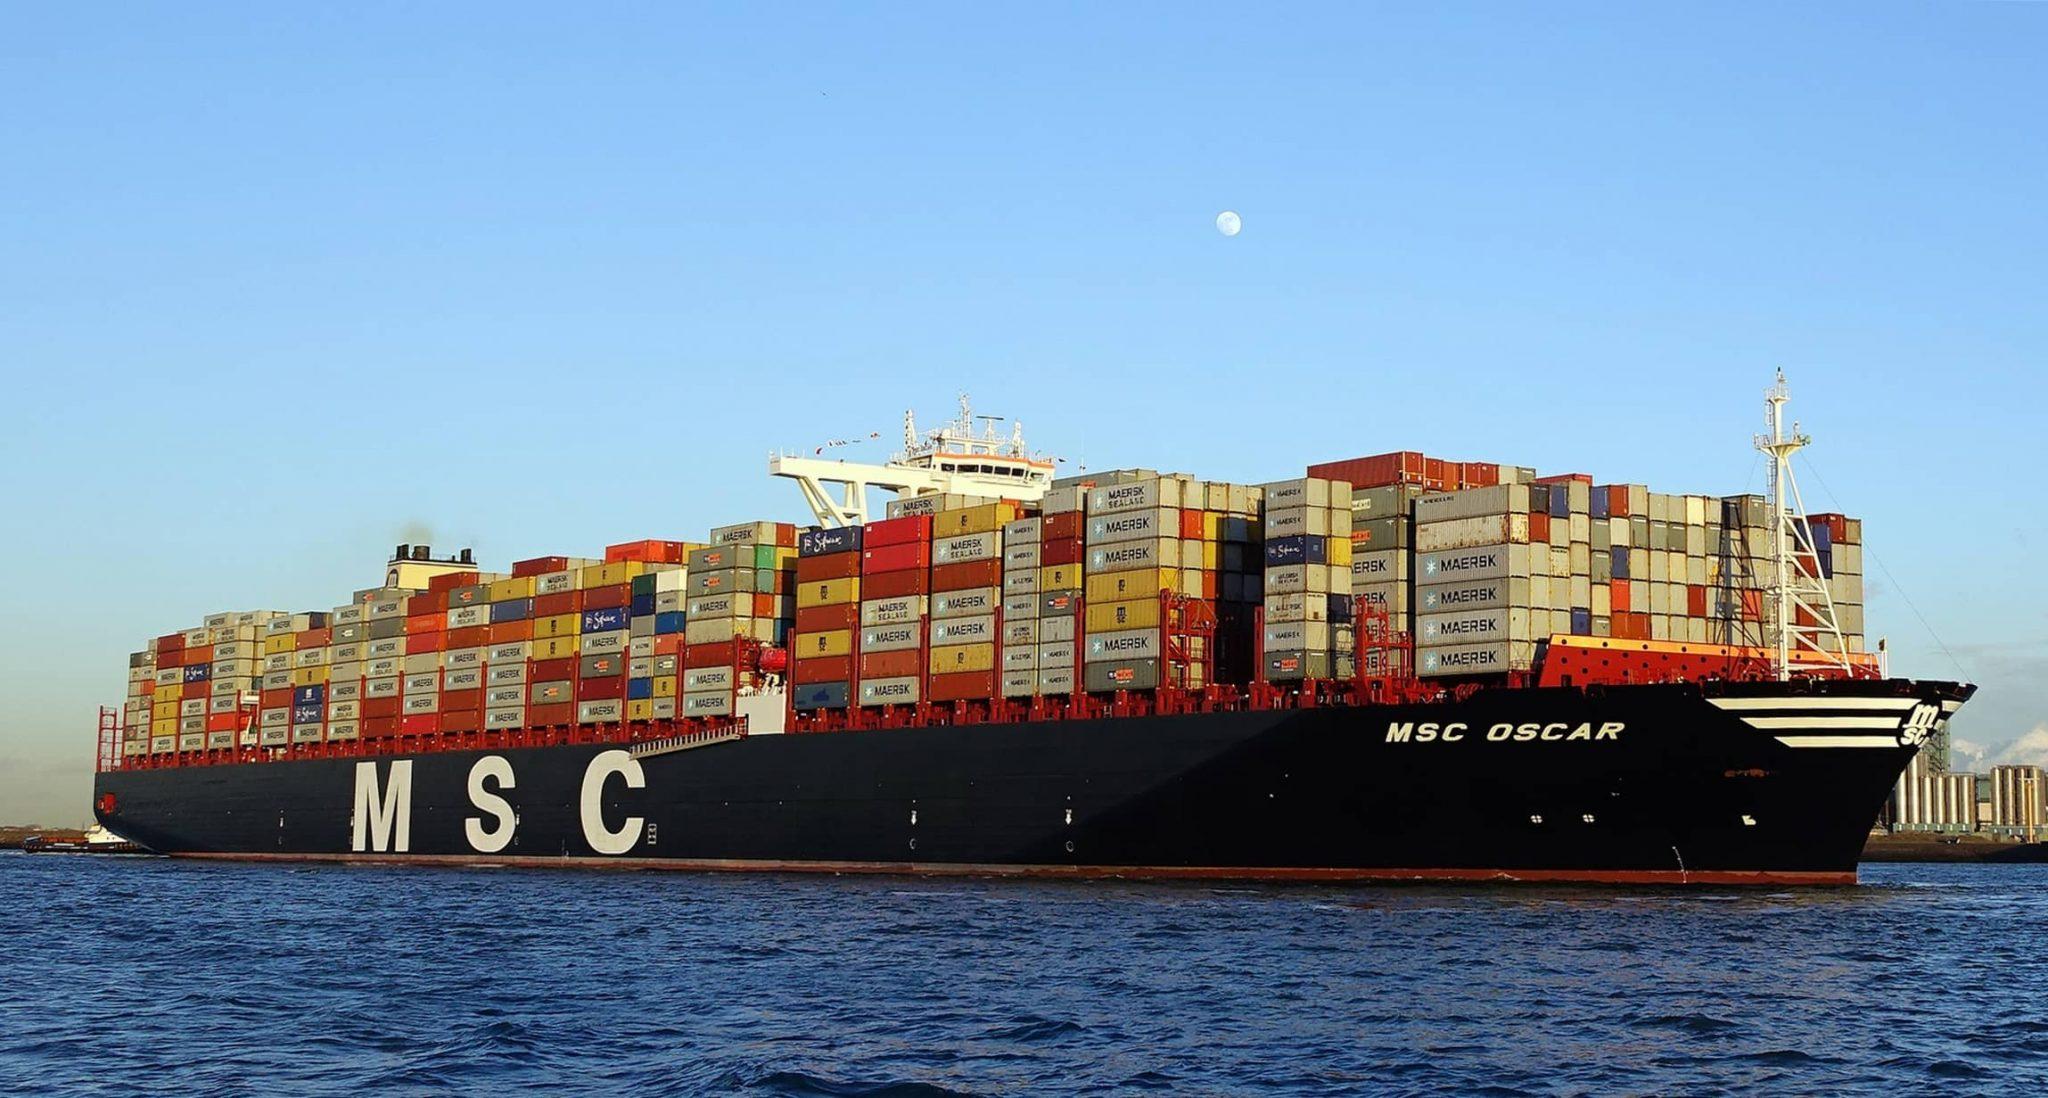 MSC Oscar, el barco más grande del mundo